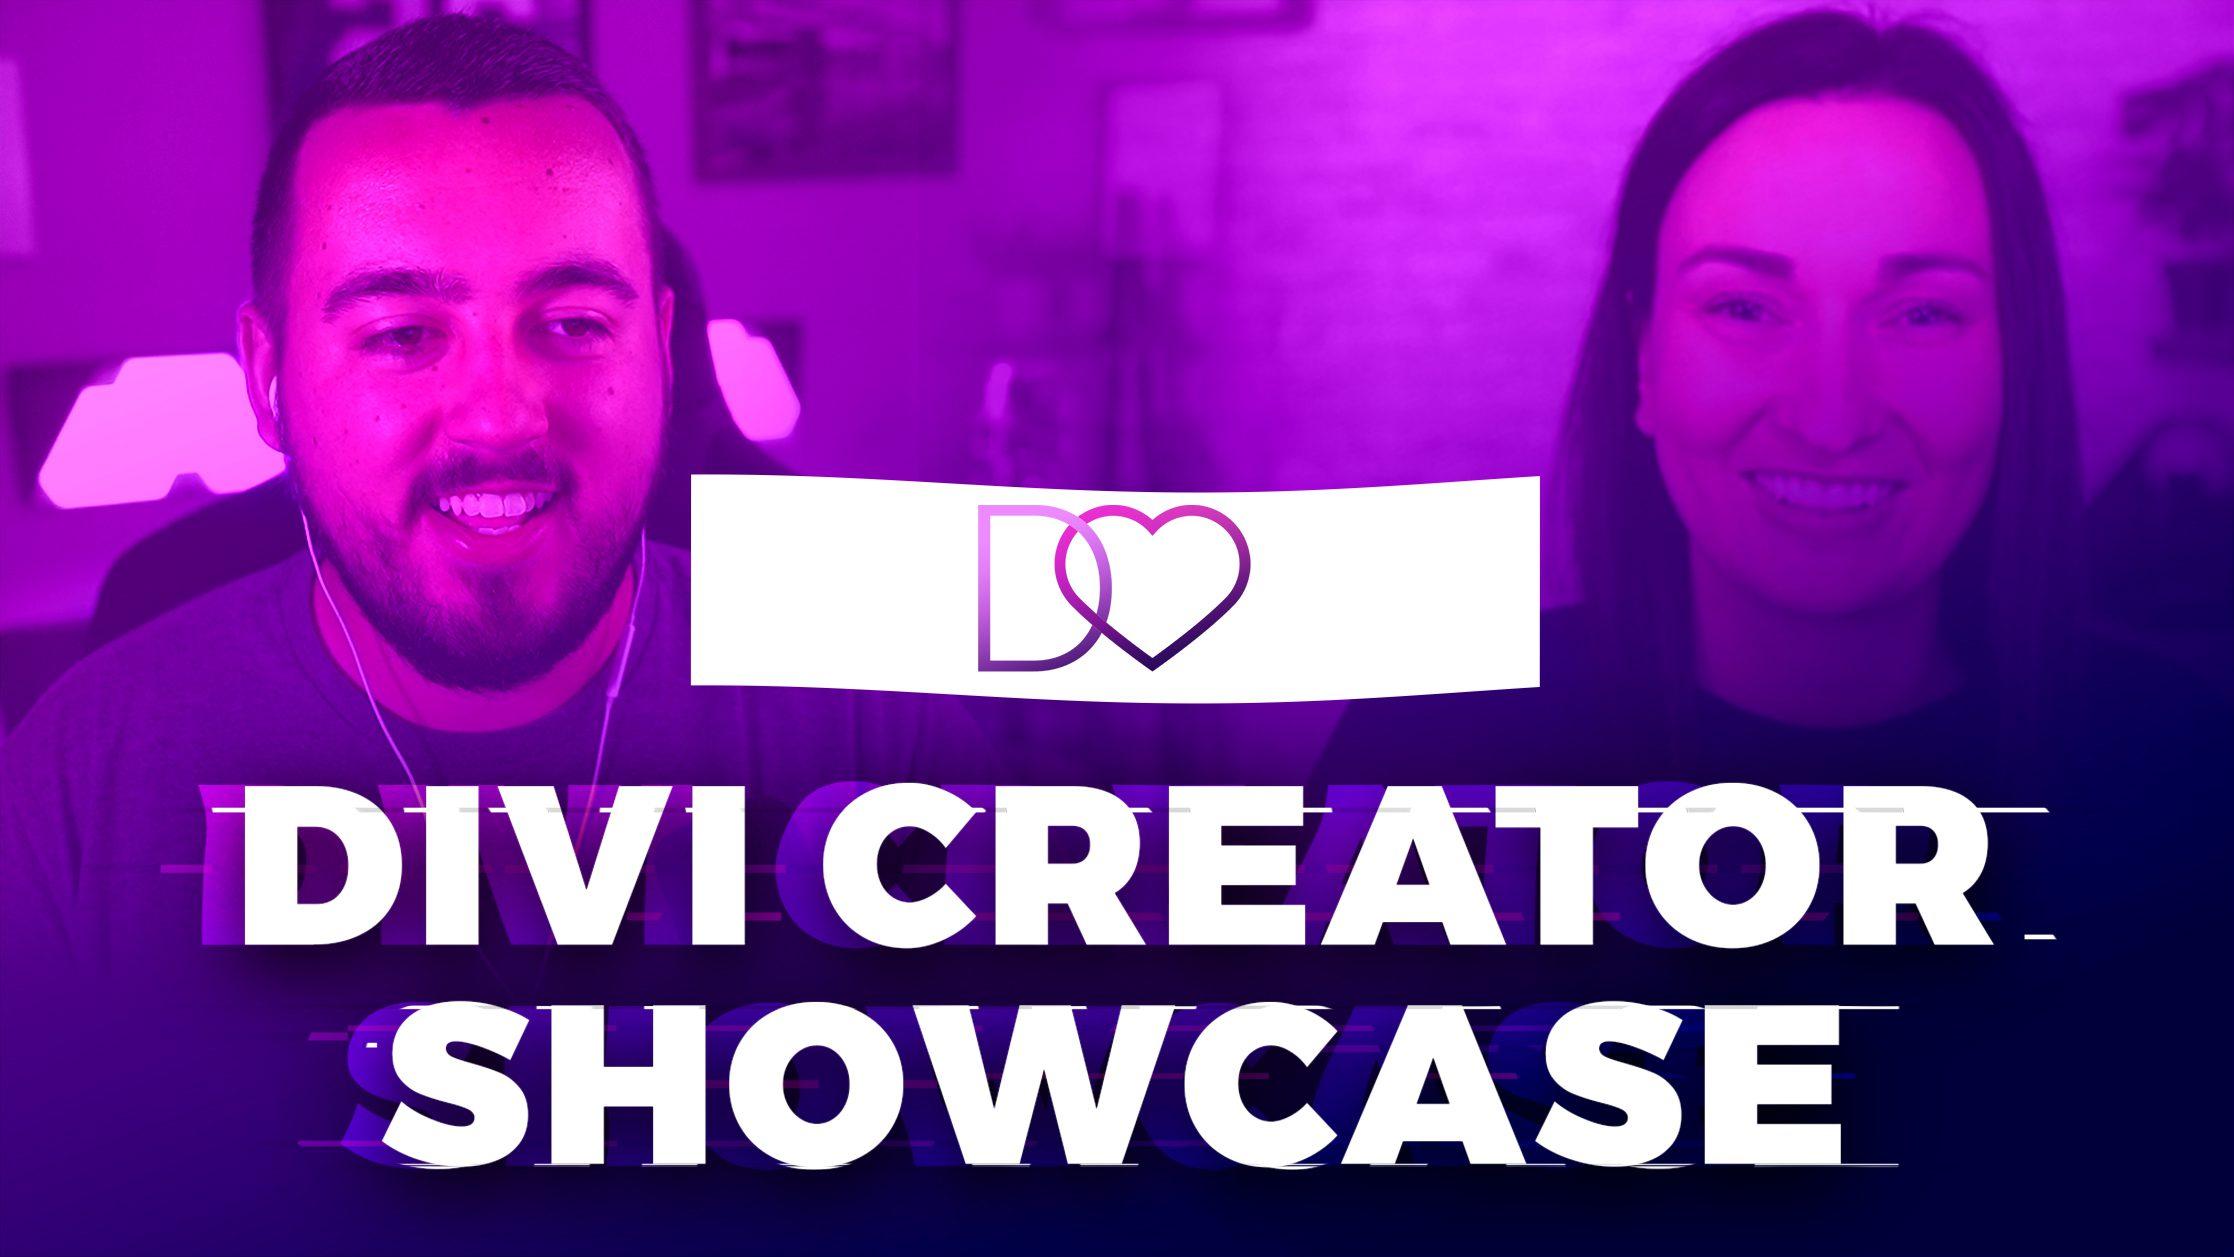 Divi Creator Showcase: Divi Lover